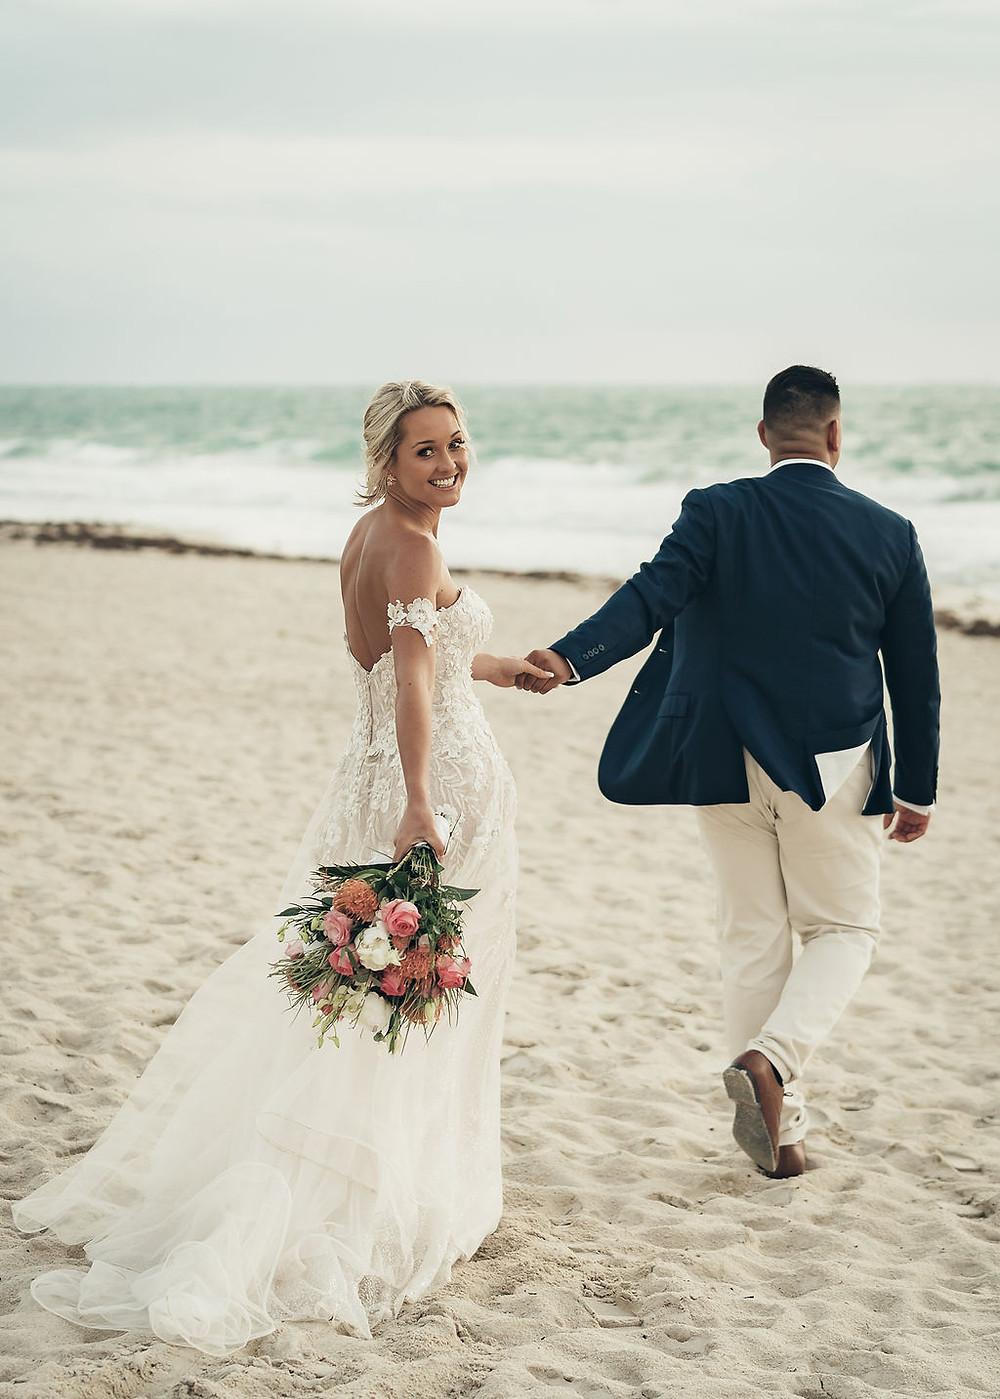 A beach wedding - Sev's Weddings